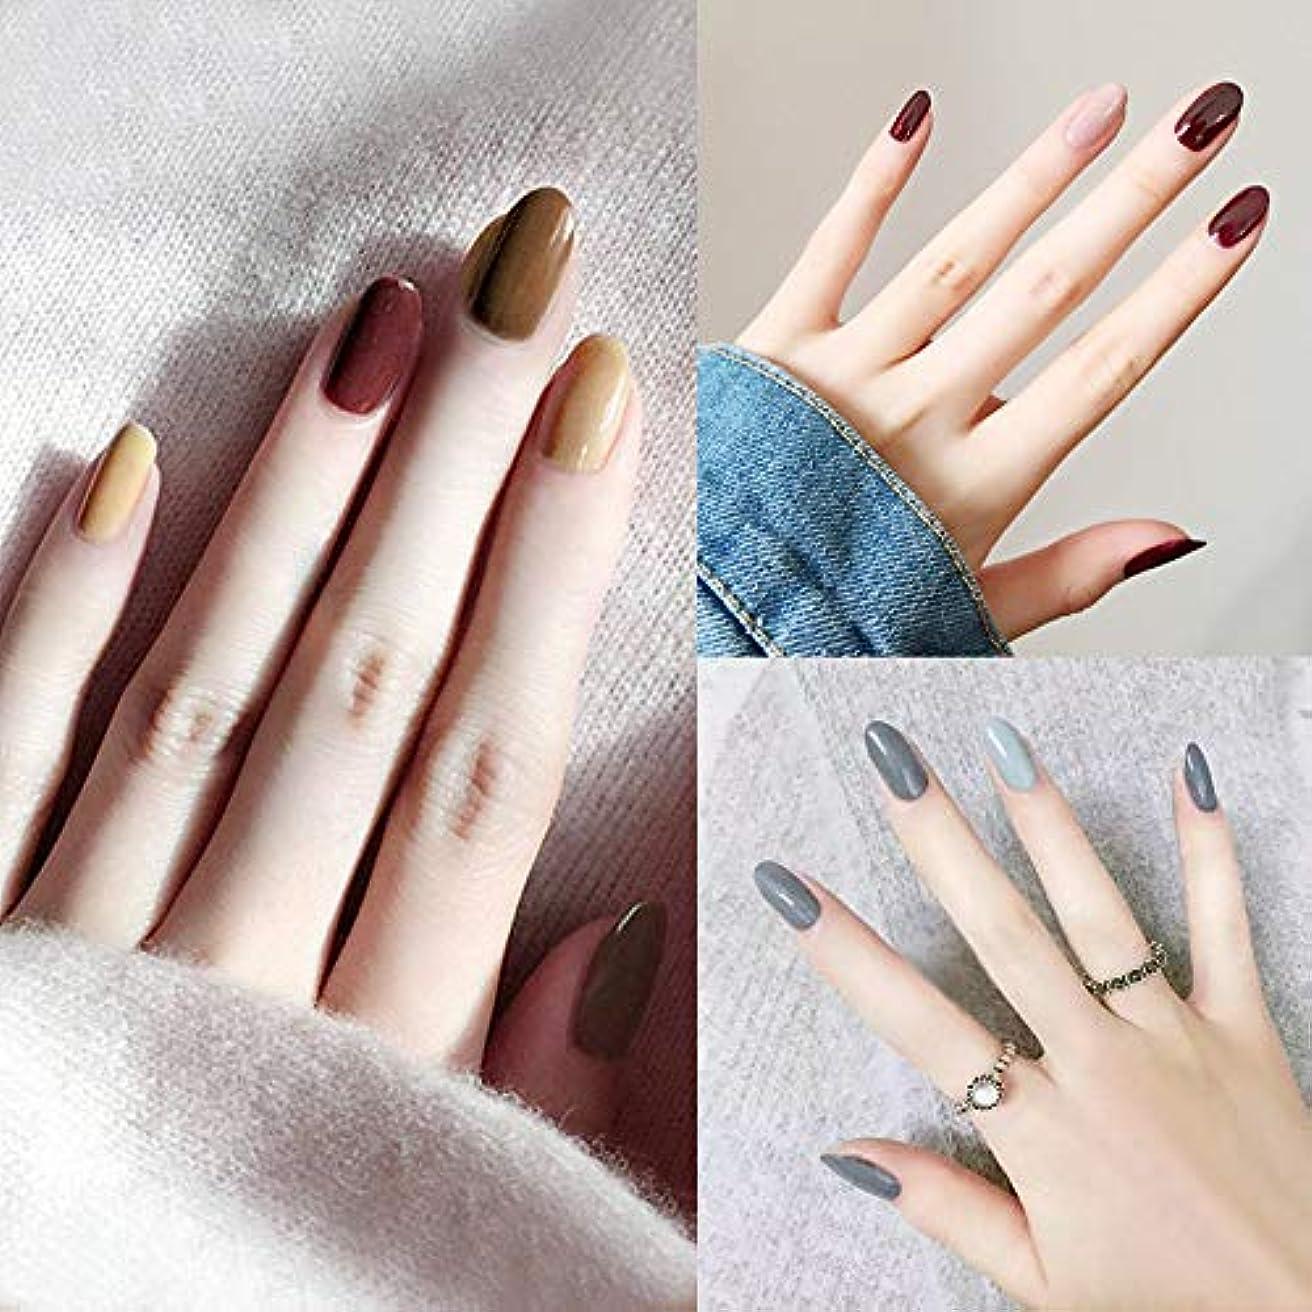 強風同じジュースファッションレッドクリームインクハリスタイル偽爪純粋な色偽爪24ピースフルブライダルネイルのヒント滑らかな指装飾のヒント接着剤付き人工爪